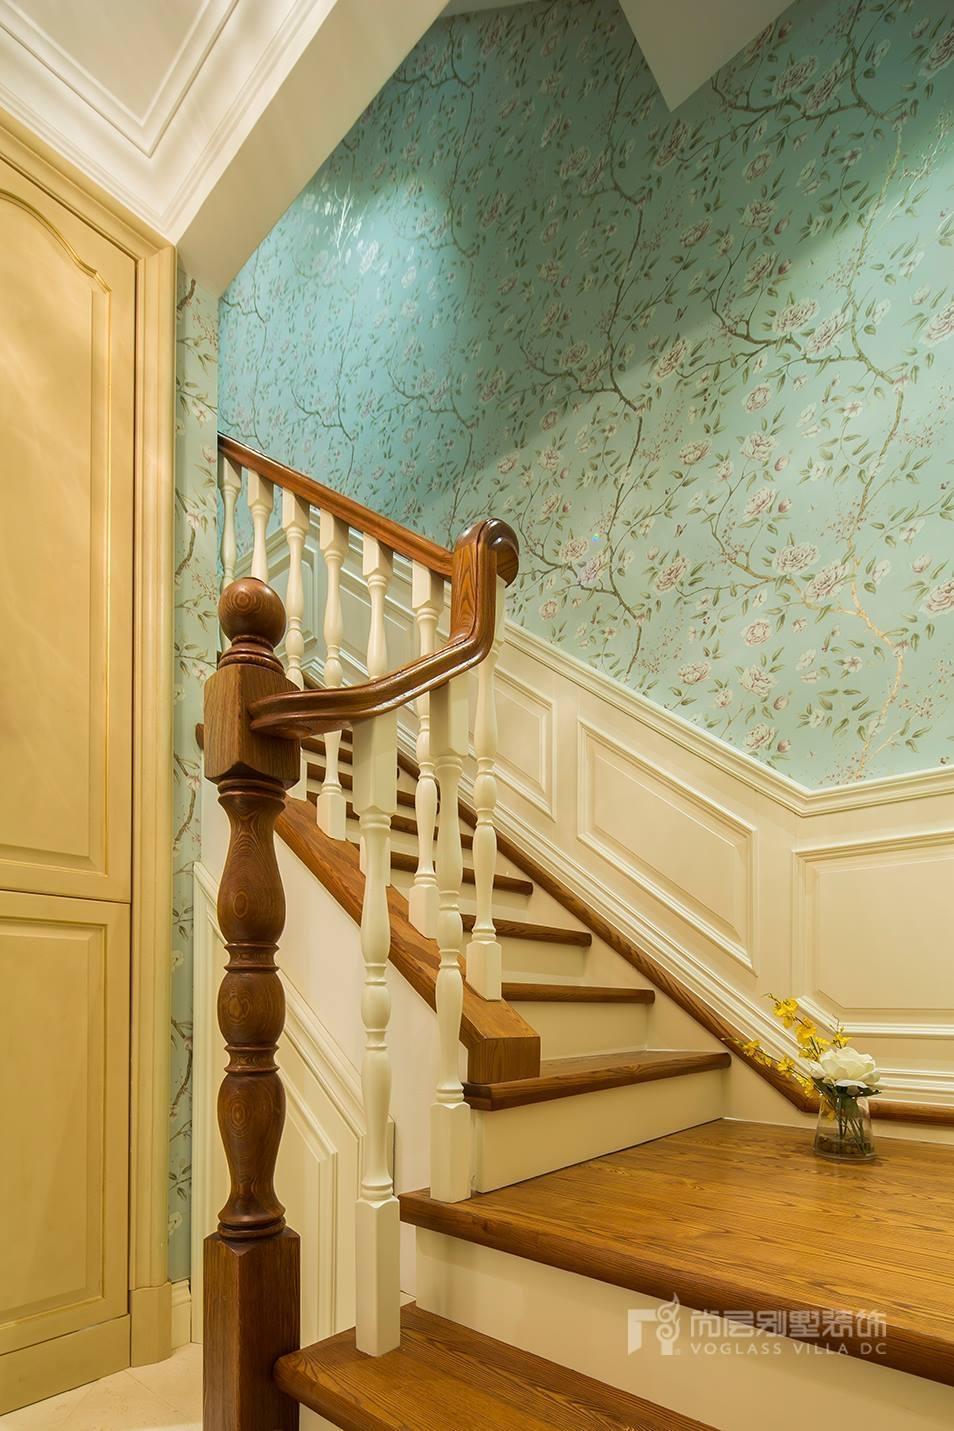 室内楼梯设计的秘密:安全,舒适,美观,还需要一点创意!